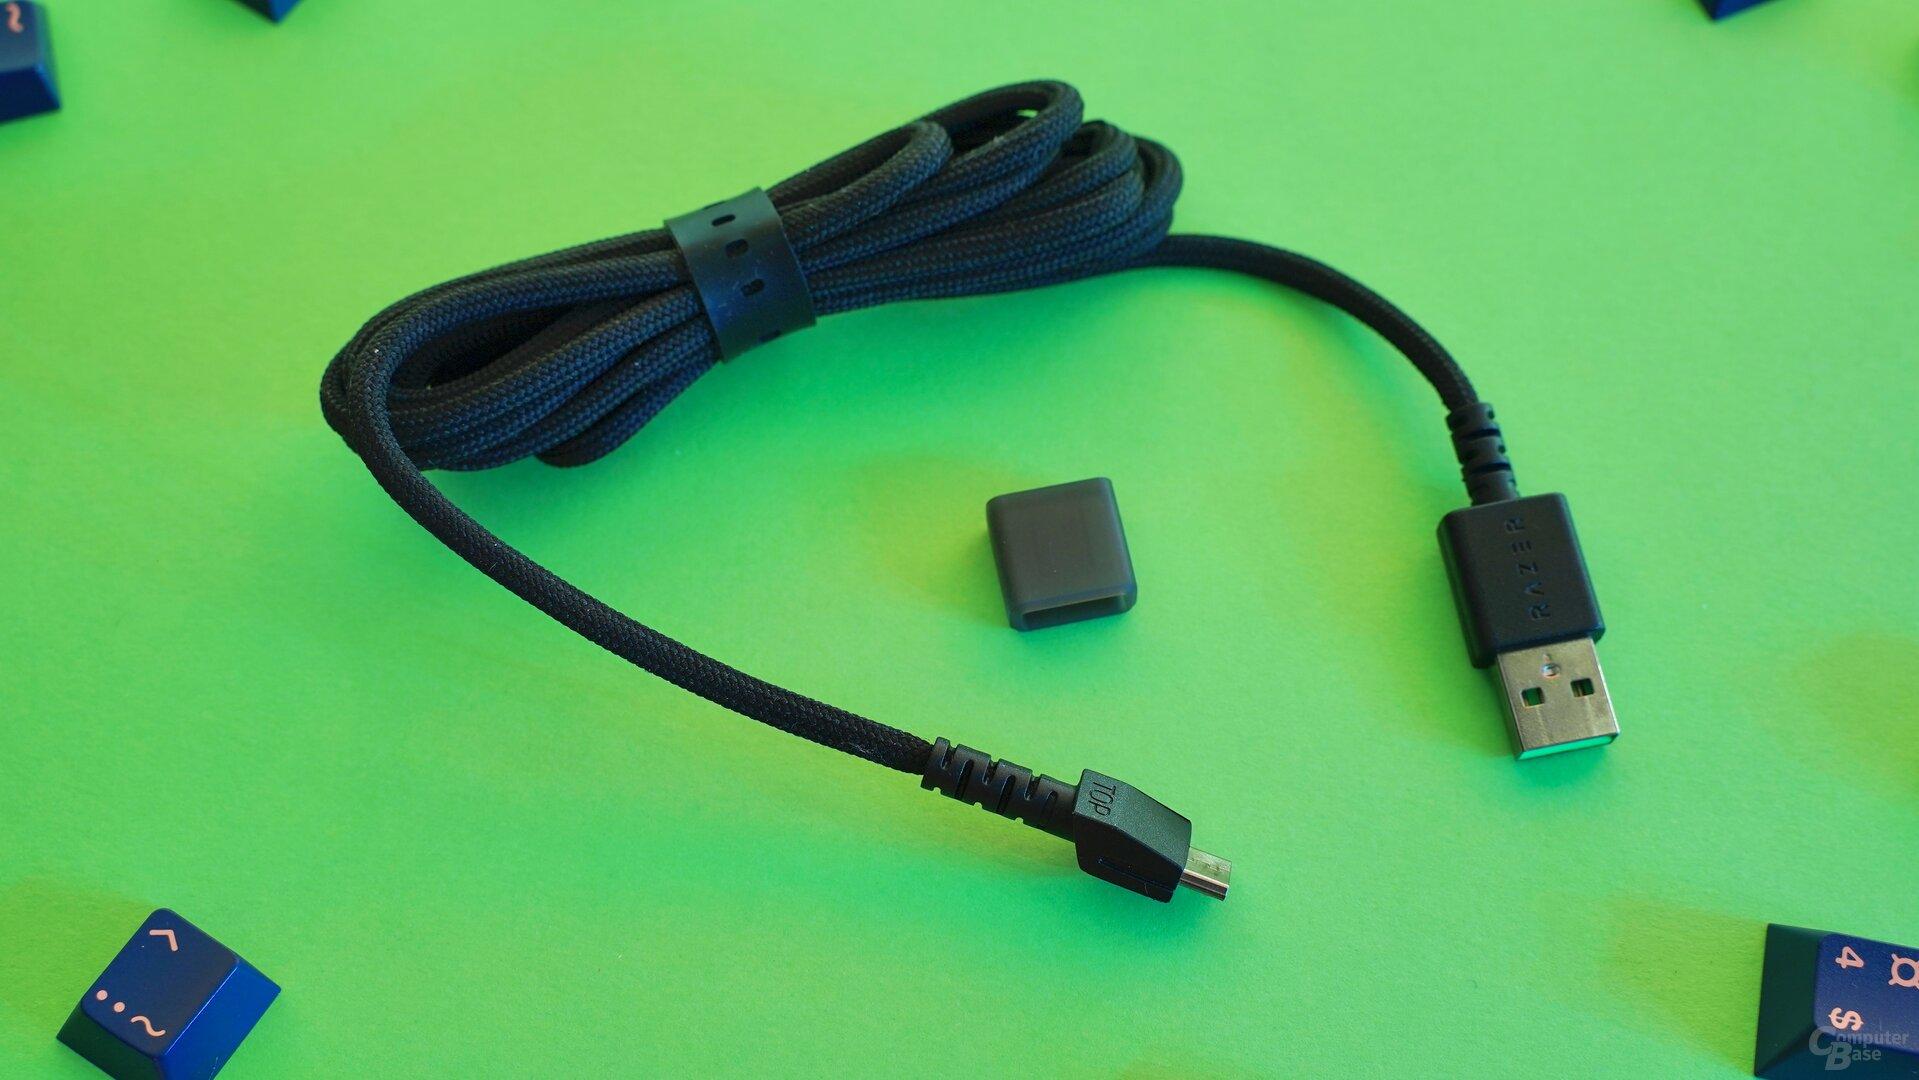 Kabel von Naga Pro & DeathAdder V2 Pro